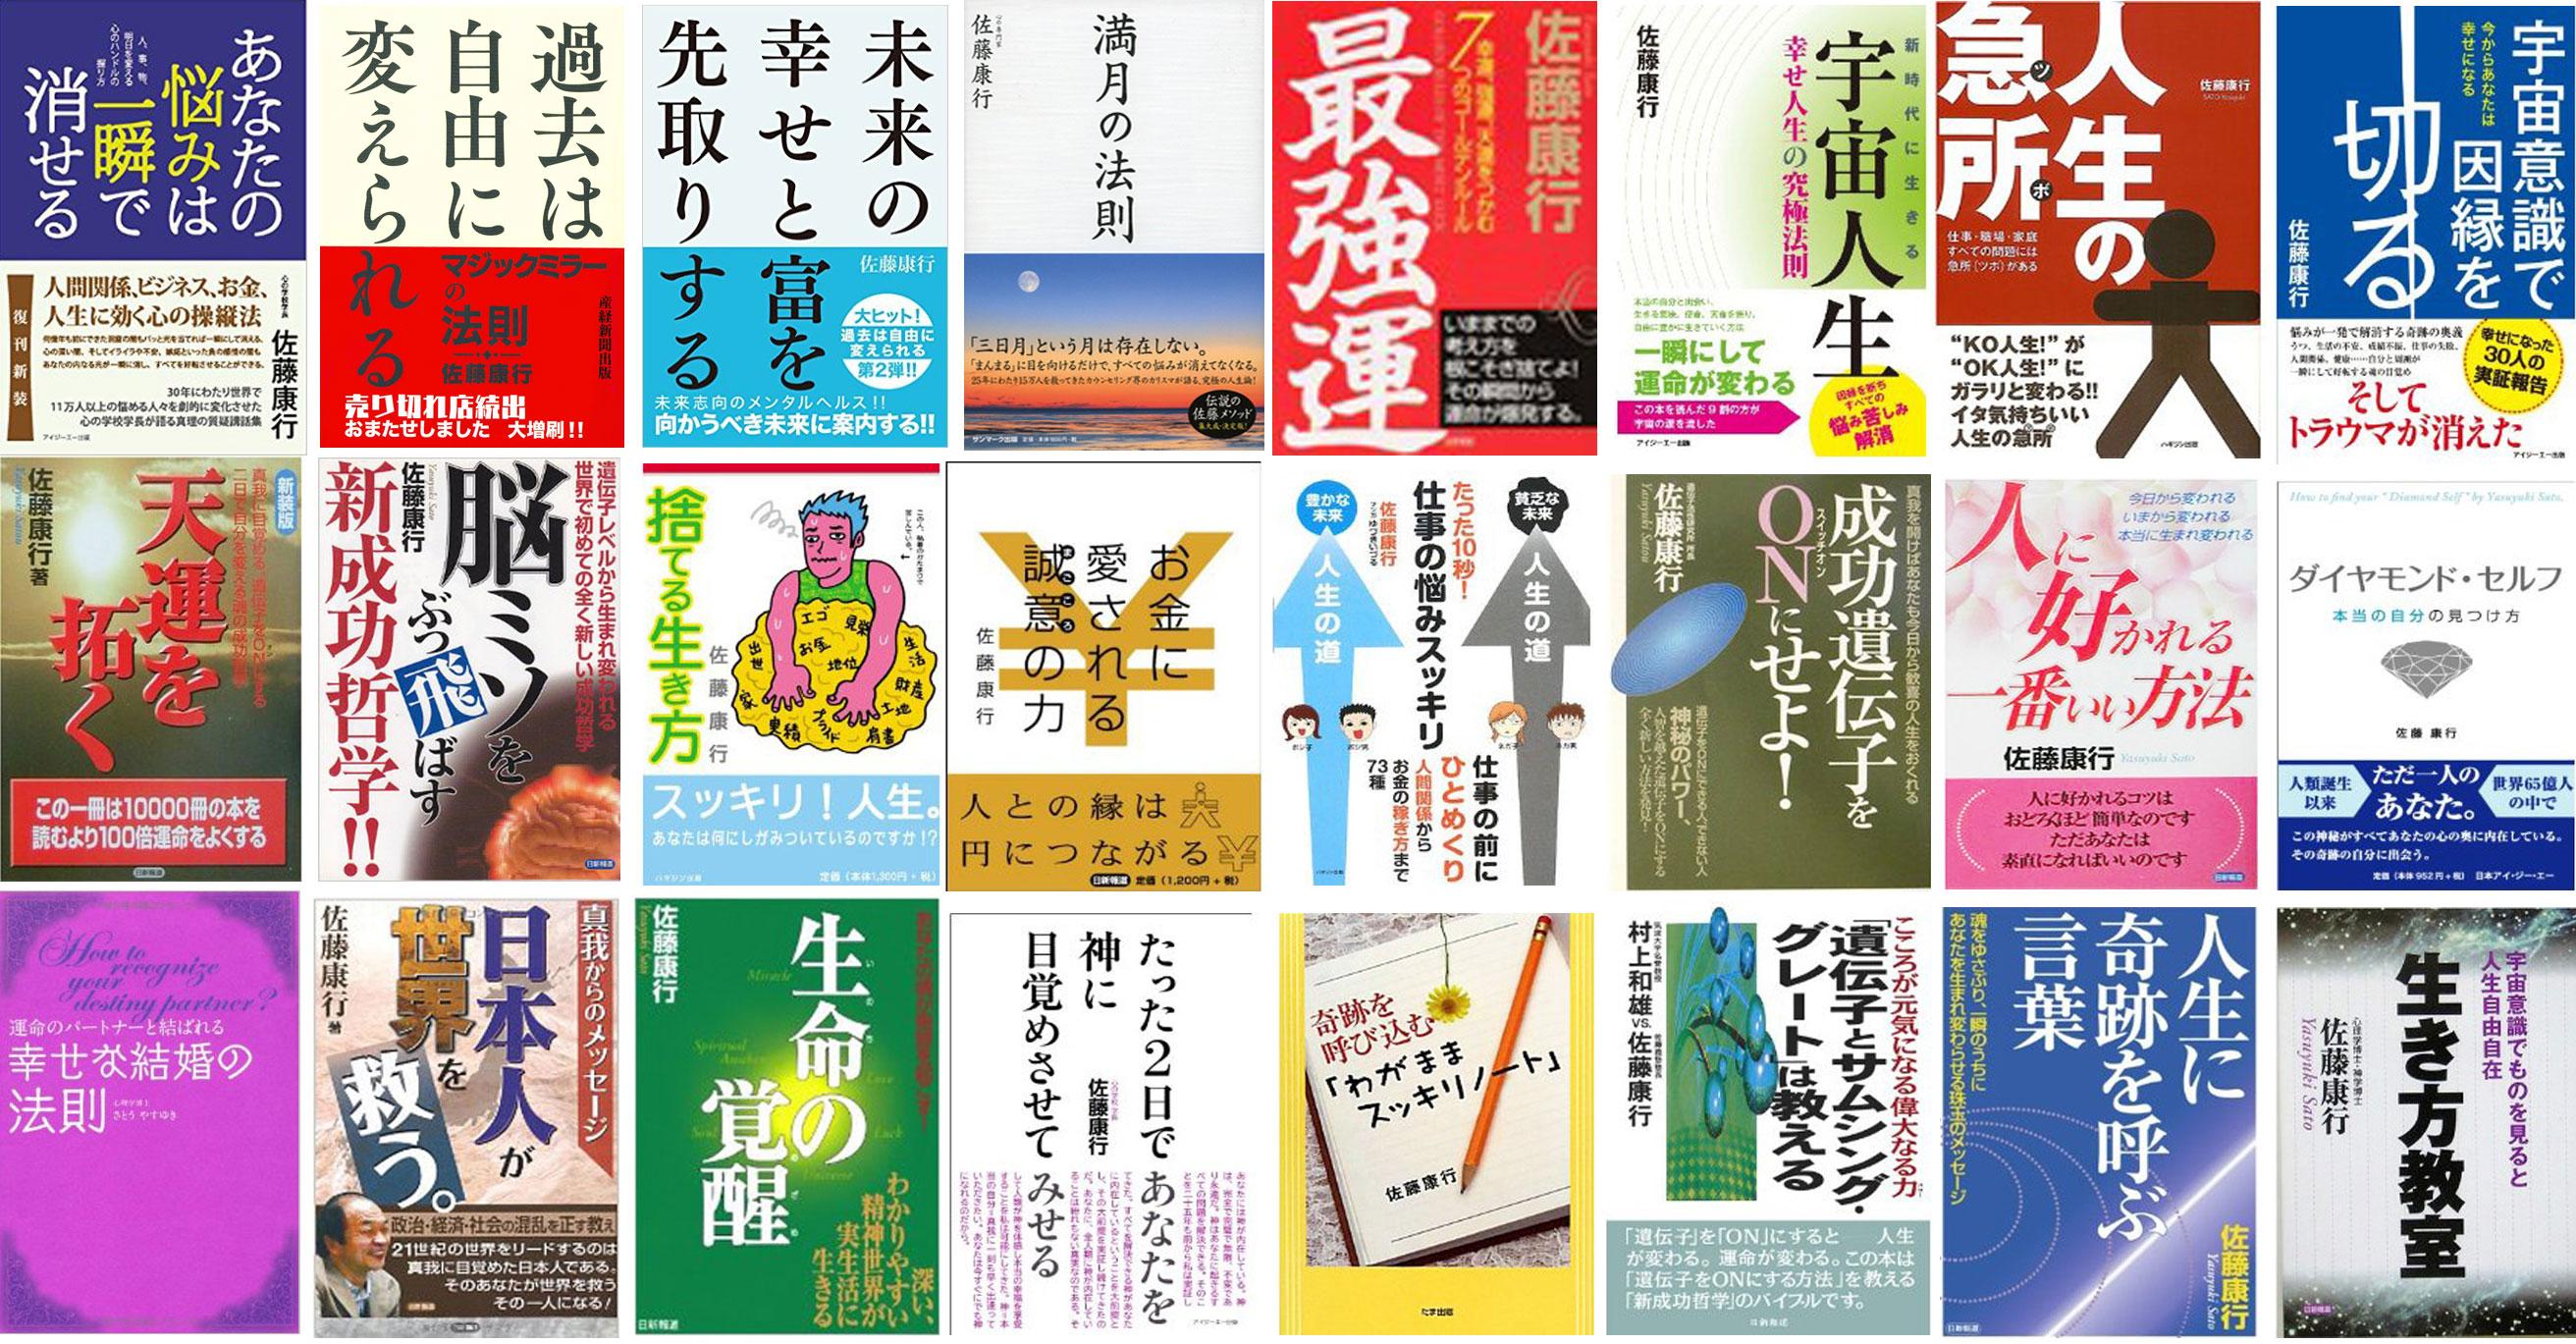 佐藤康行 書籍